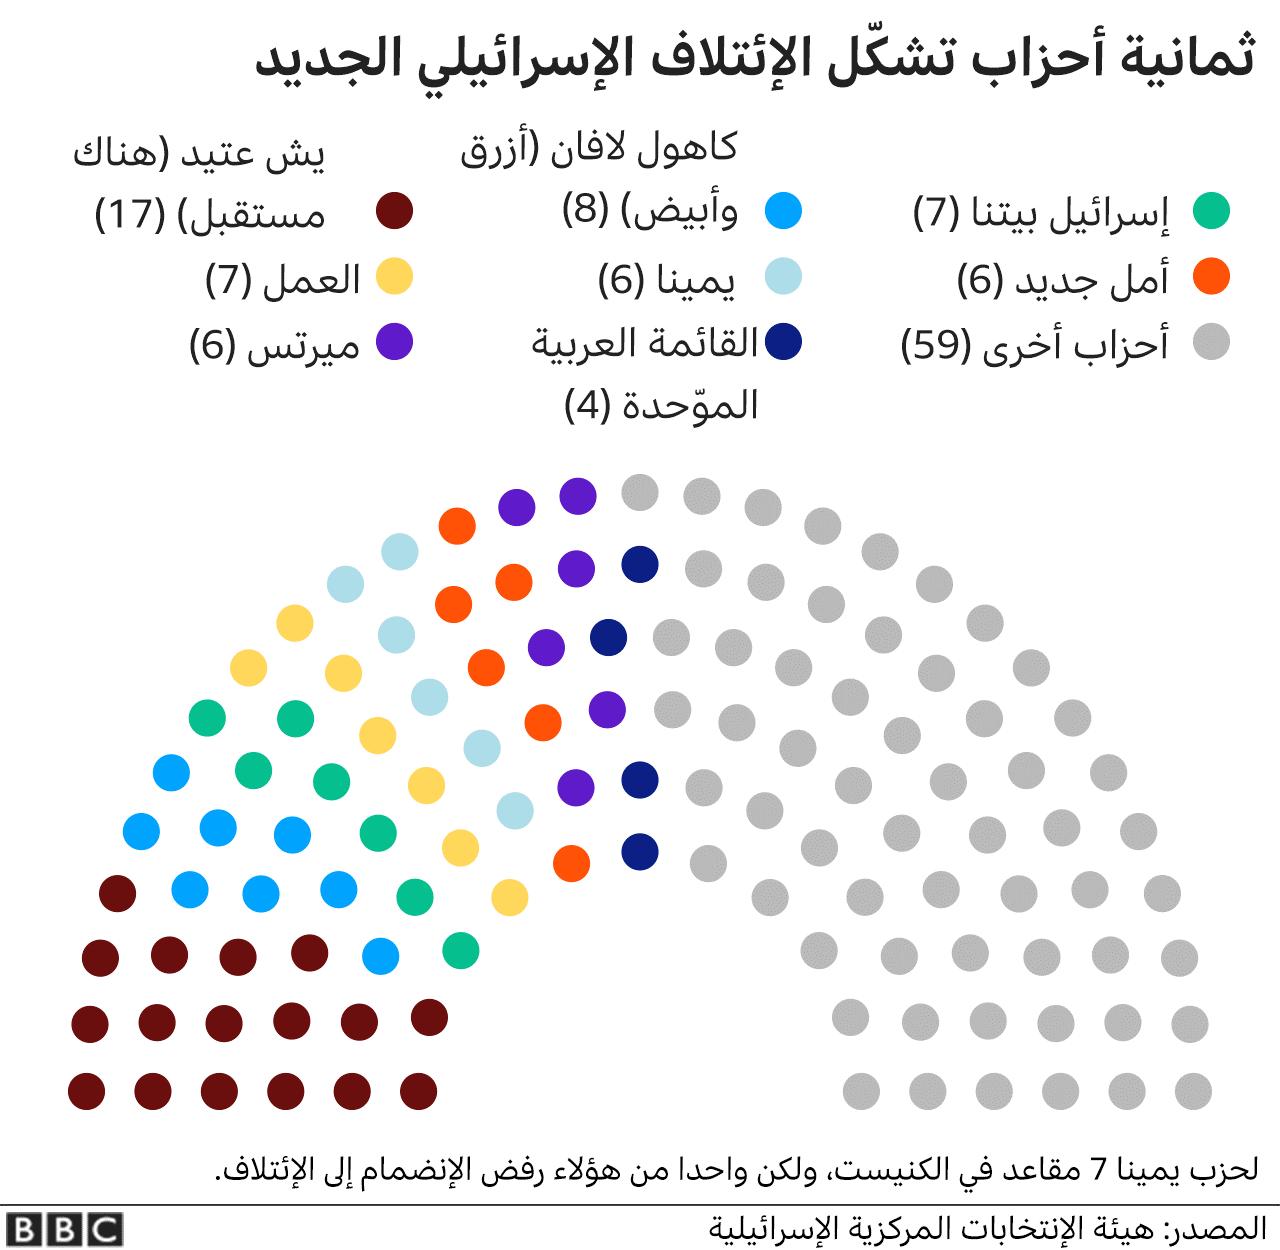 رسم توضيحي للأحزاب المشكلة للائتلاف الإسرائيلي الجديد وحصصها من المقاعد في البرلمان